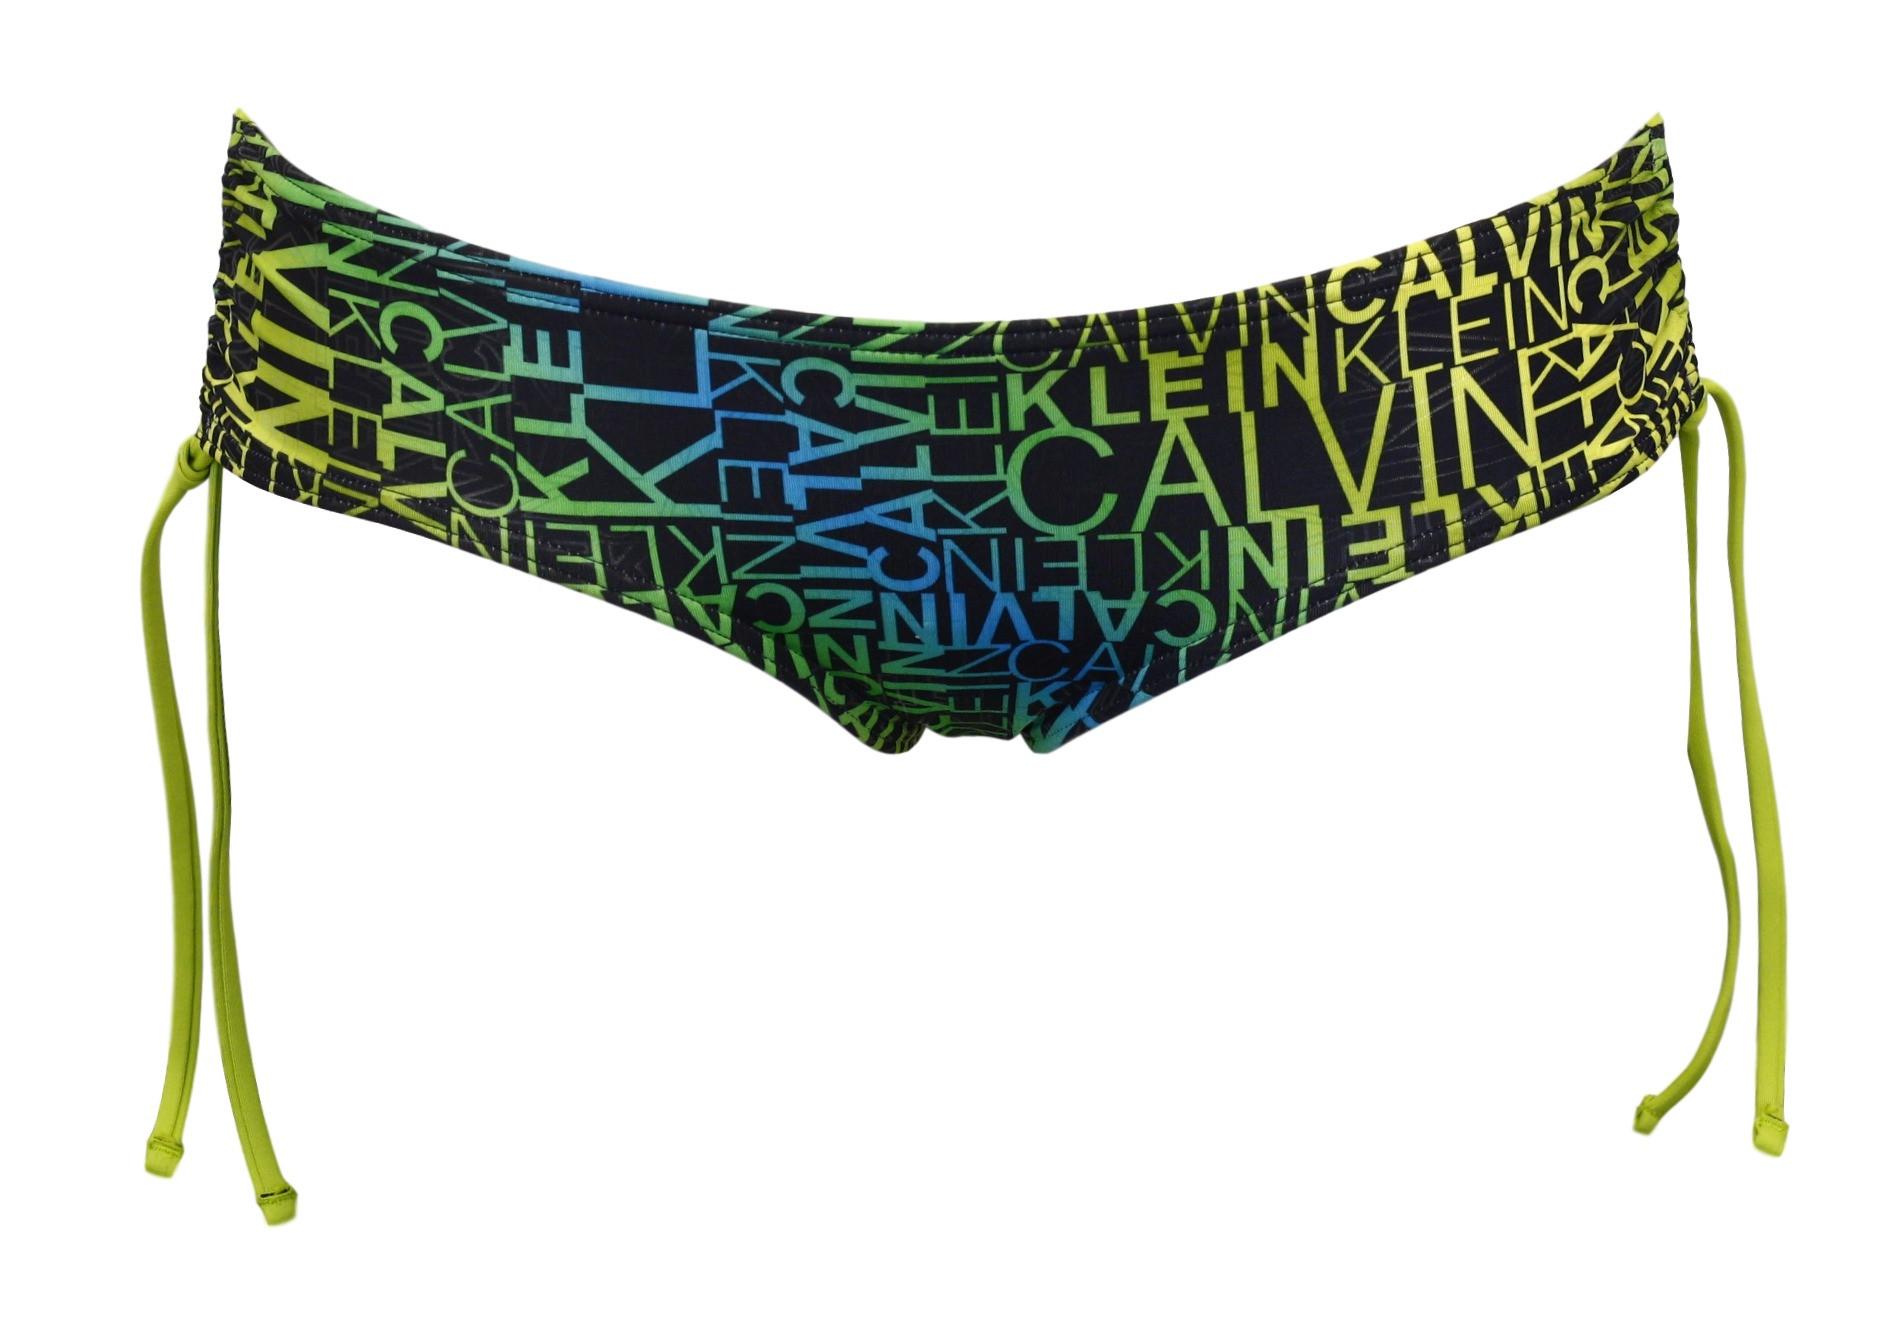 Plavky šortky 53688W2 - Calvin Klein Barva: zelená, Velikost: 34